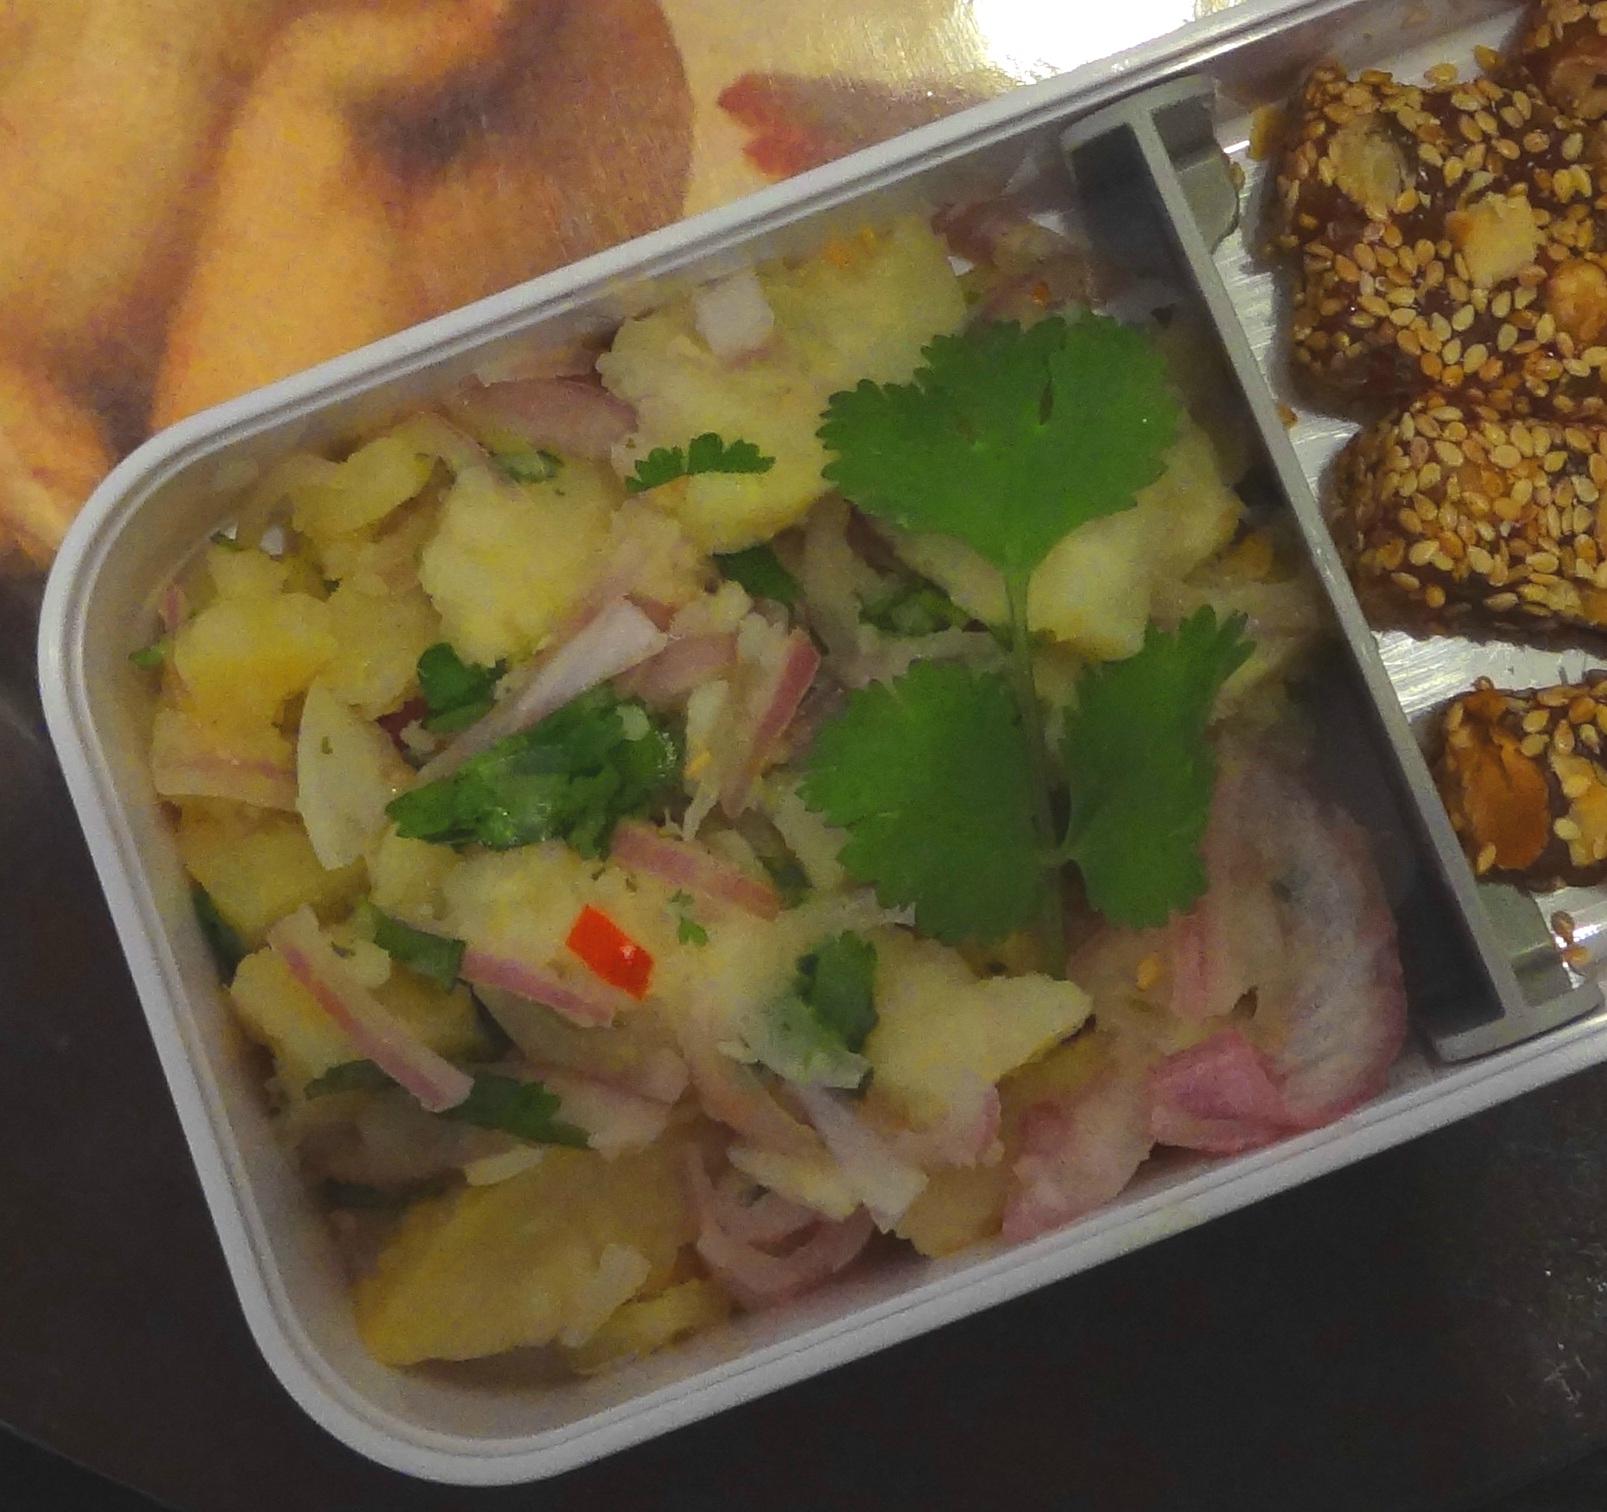 Ceviche de patate douce ou de manioc - Fleanette's Kitchen